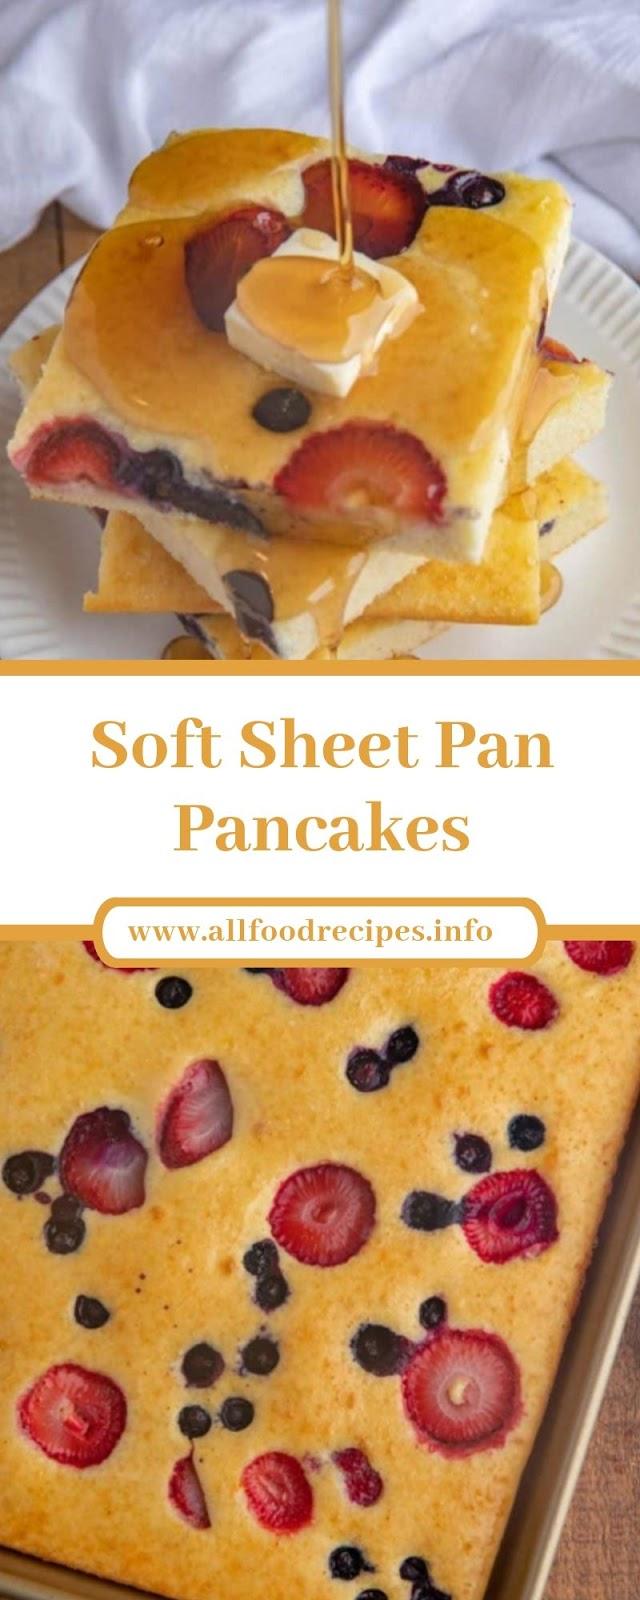 Soft Sheet Pan Pancakes